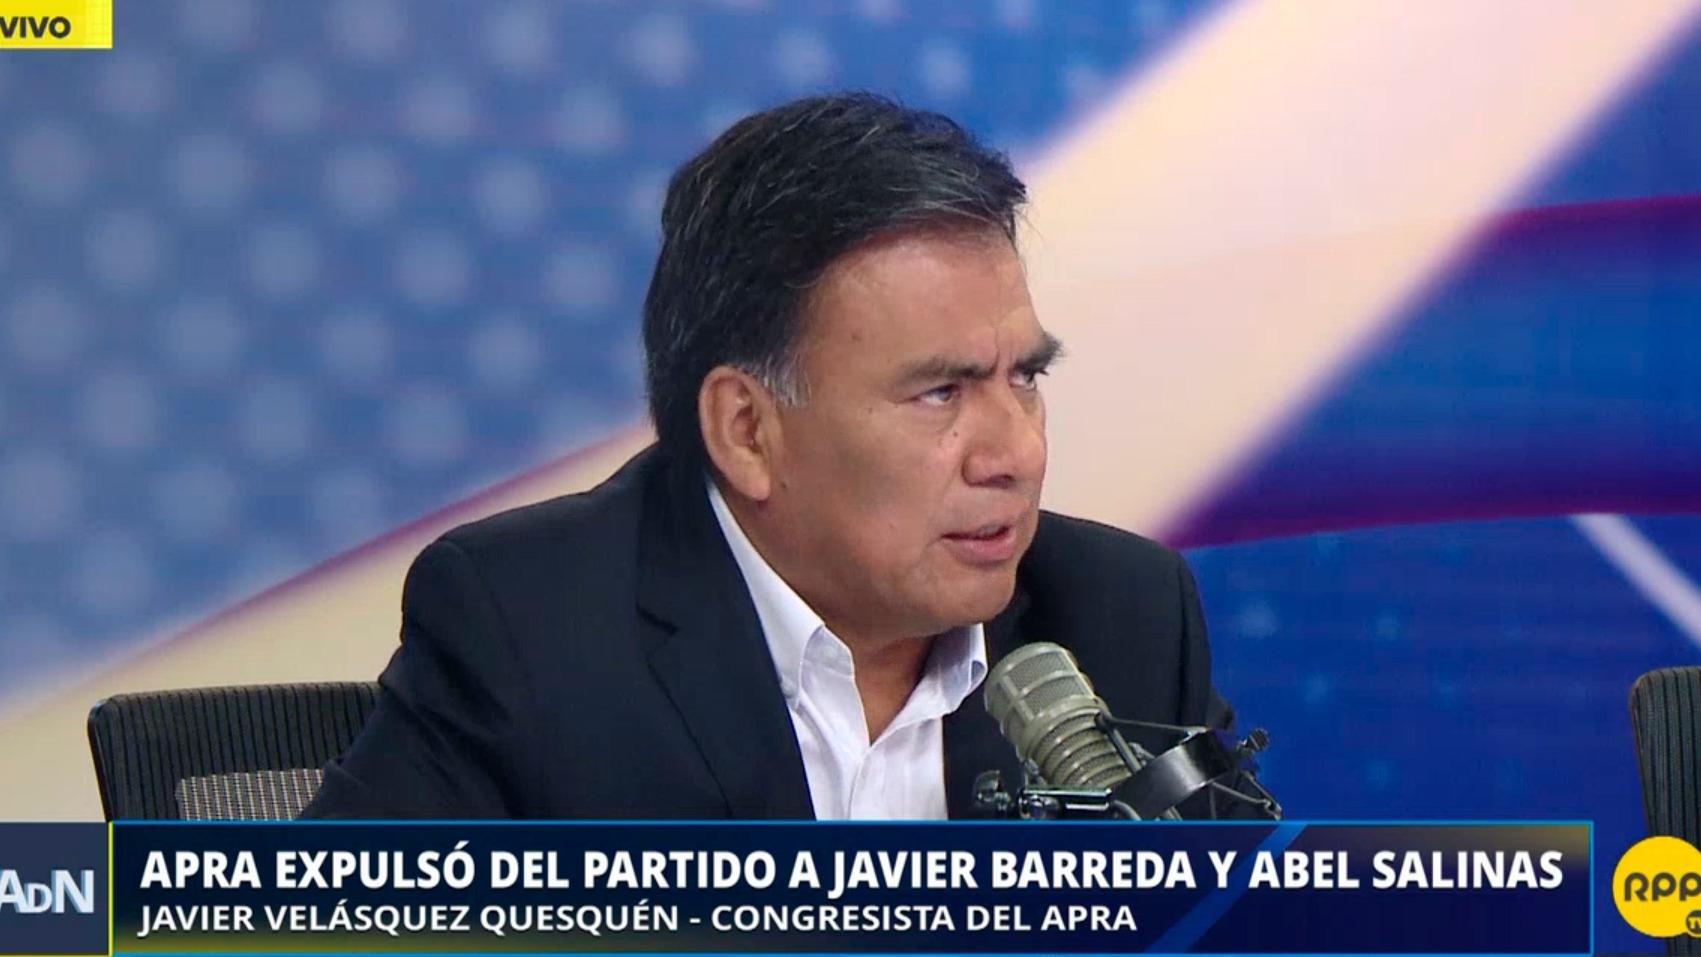 El APRA expulsó del partido a Javier Barreda y Abel Salinas